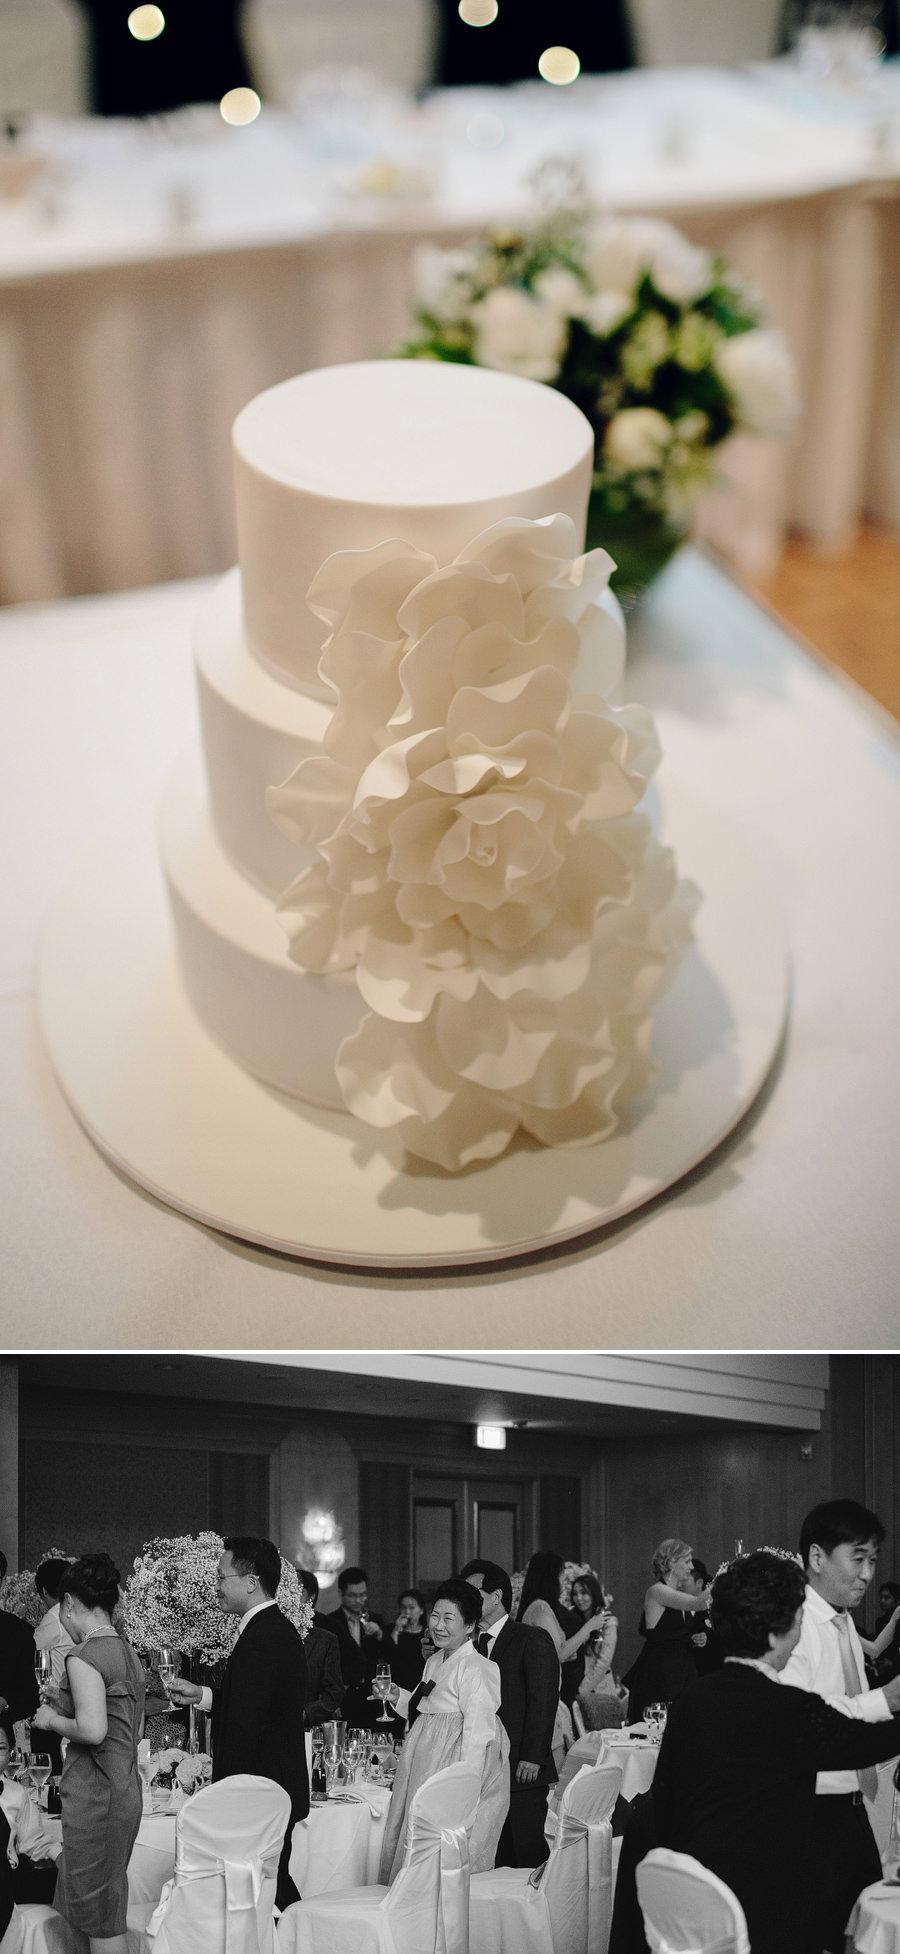 Shangrila Hotel Wedding Photographers: Cake